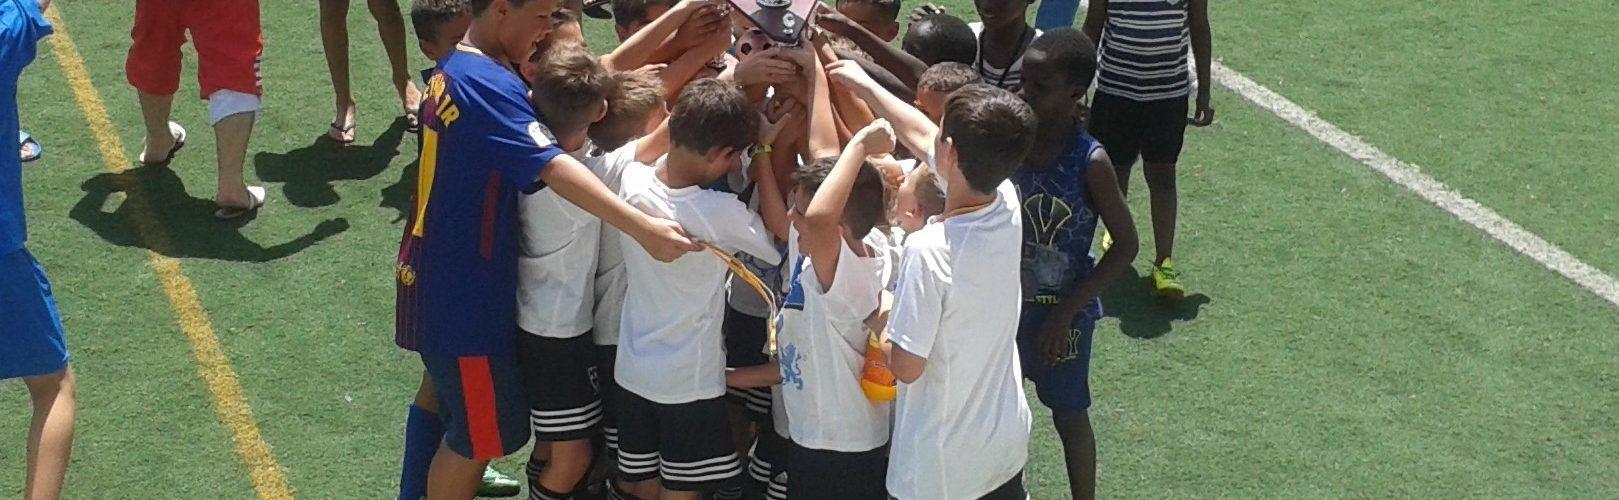 Torneos de Fútbol Internacionales, Semana Santa Fin de Semana la y el Verano.